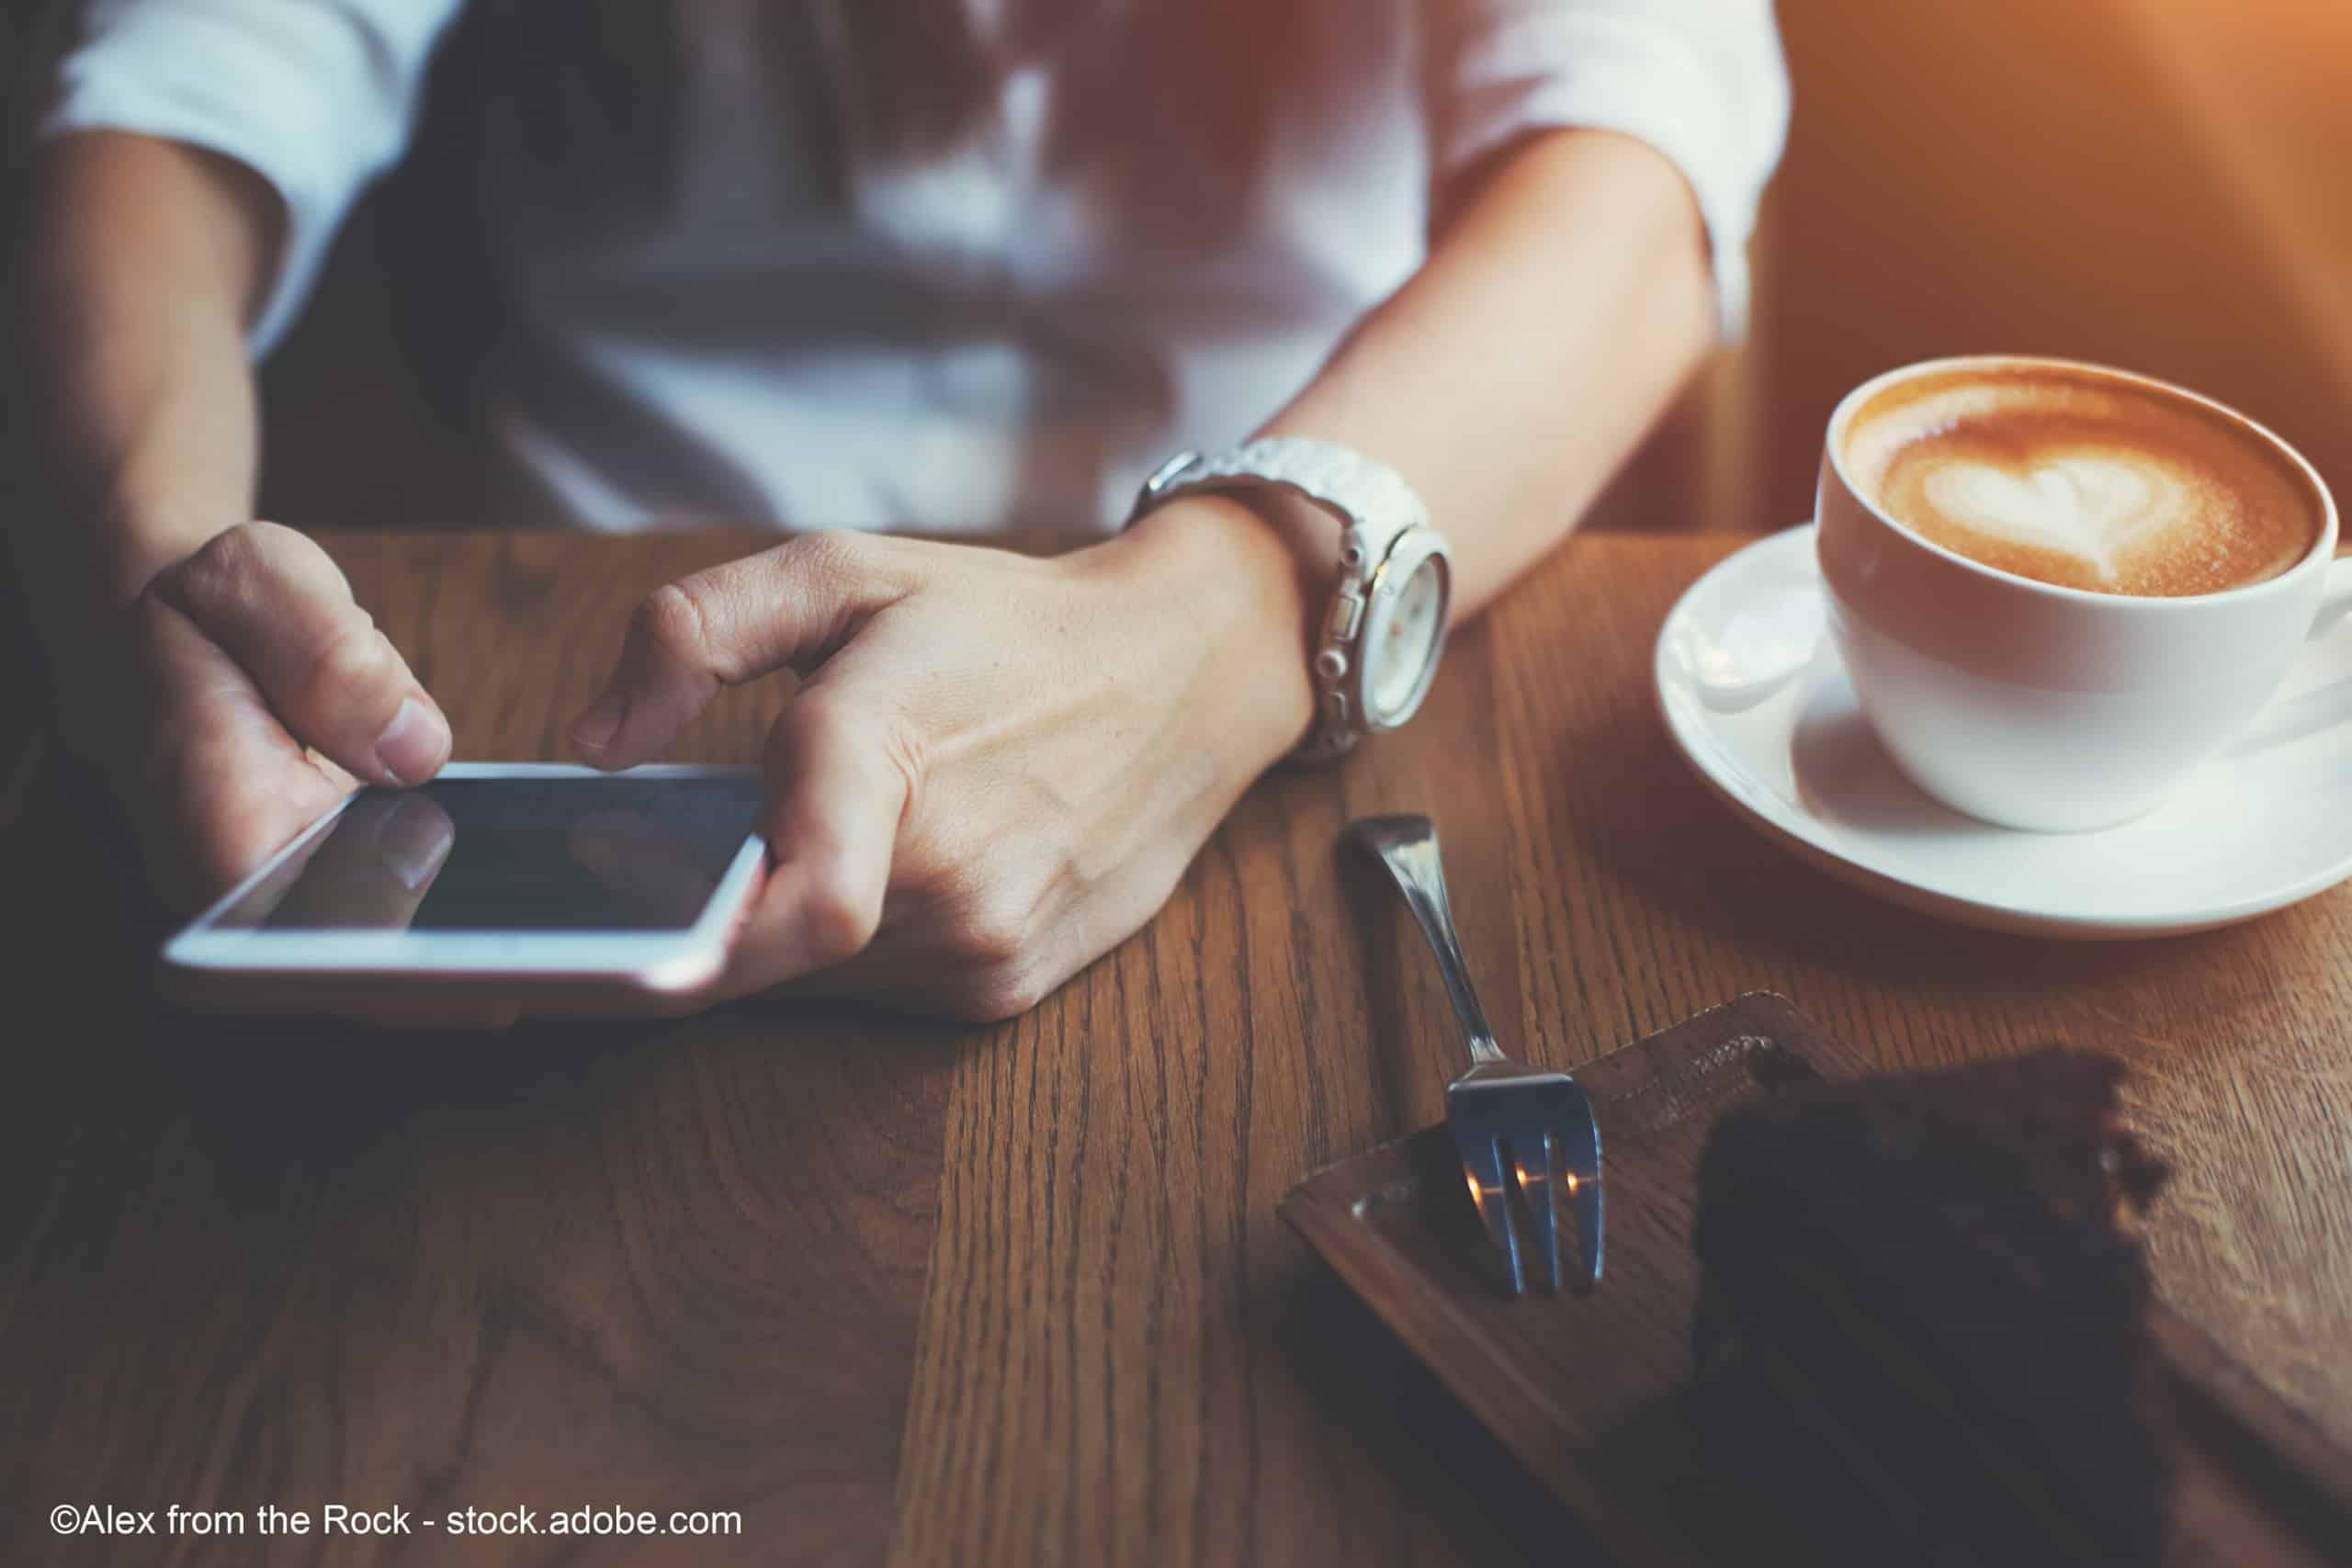 WLAN Hotspot WiFi Lösungen Hotels, Internet Pensionen Aplas IT café bar